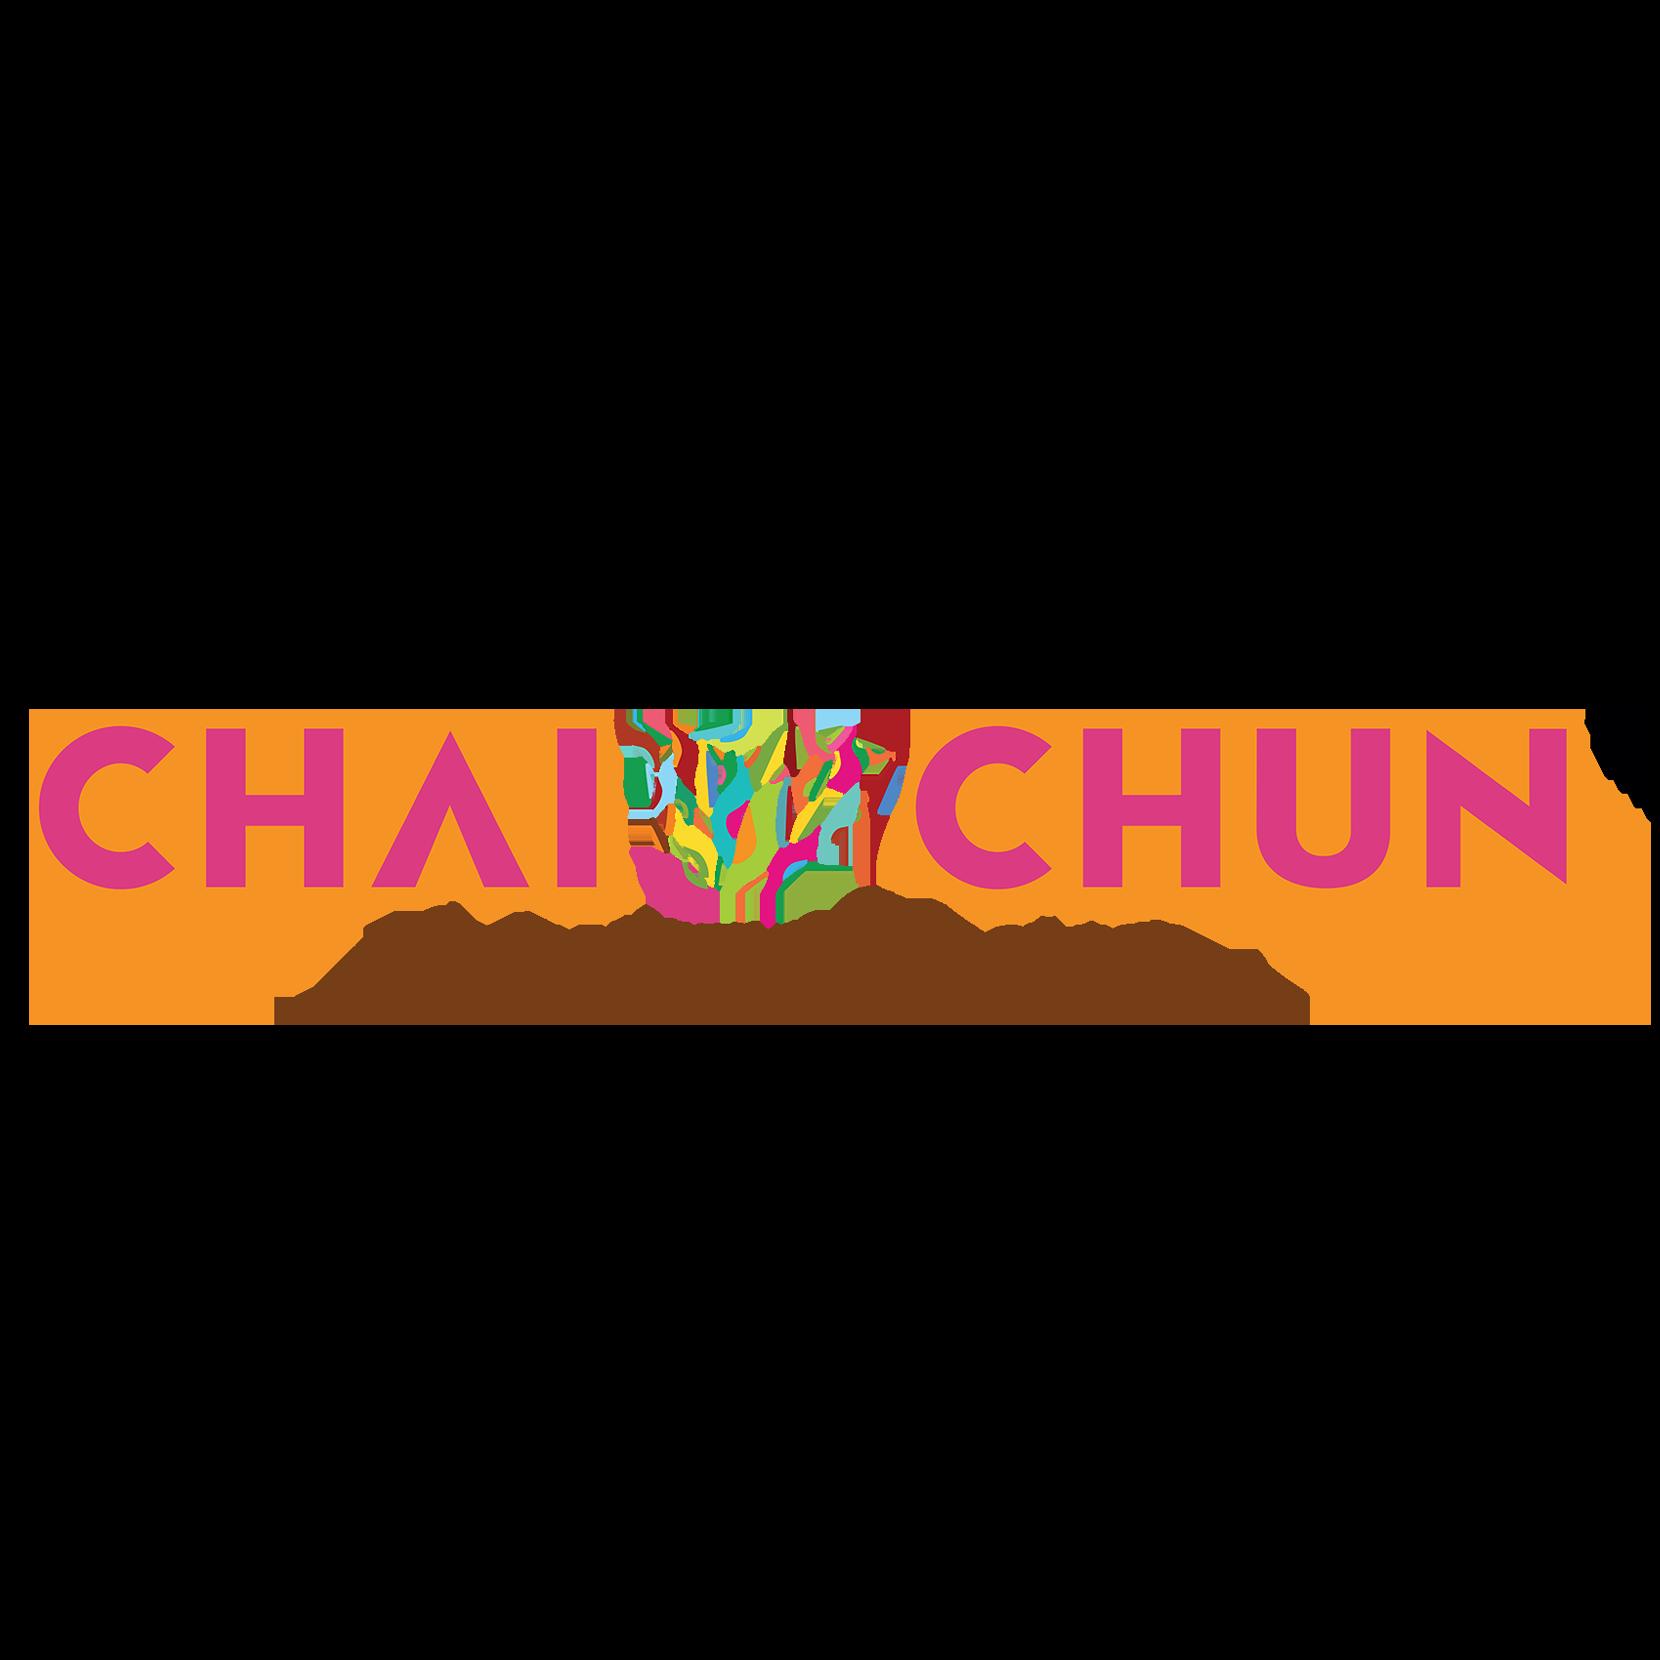 CHAI CHUN